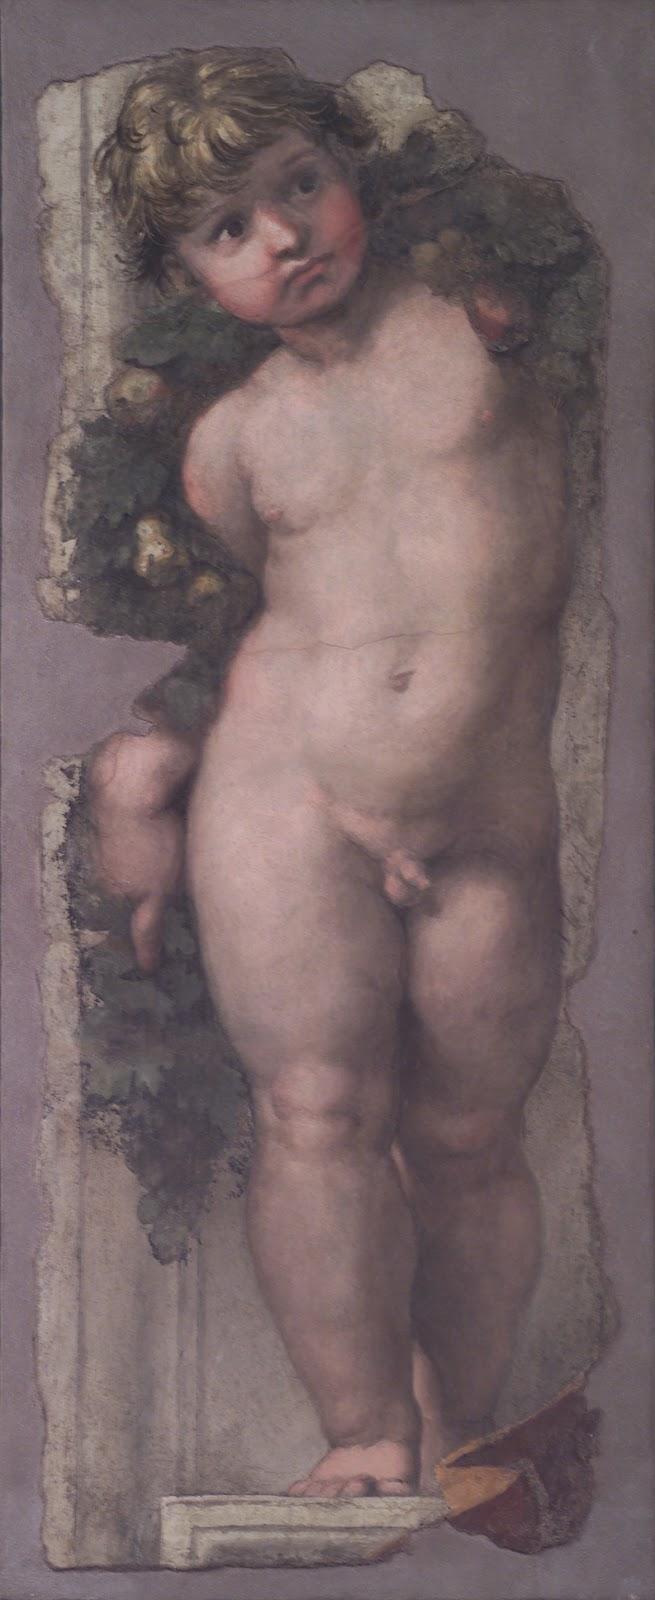 Cherub , Raphael Sanzio, 1511. Accademia Nazionale di San Luca, Rome